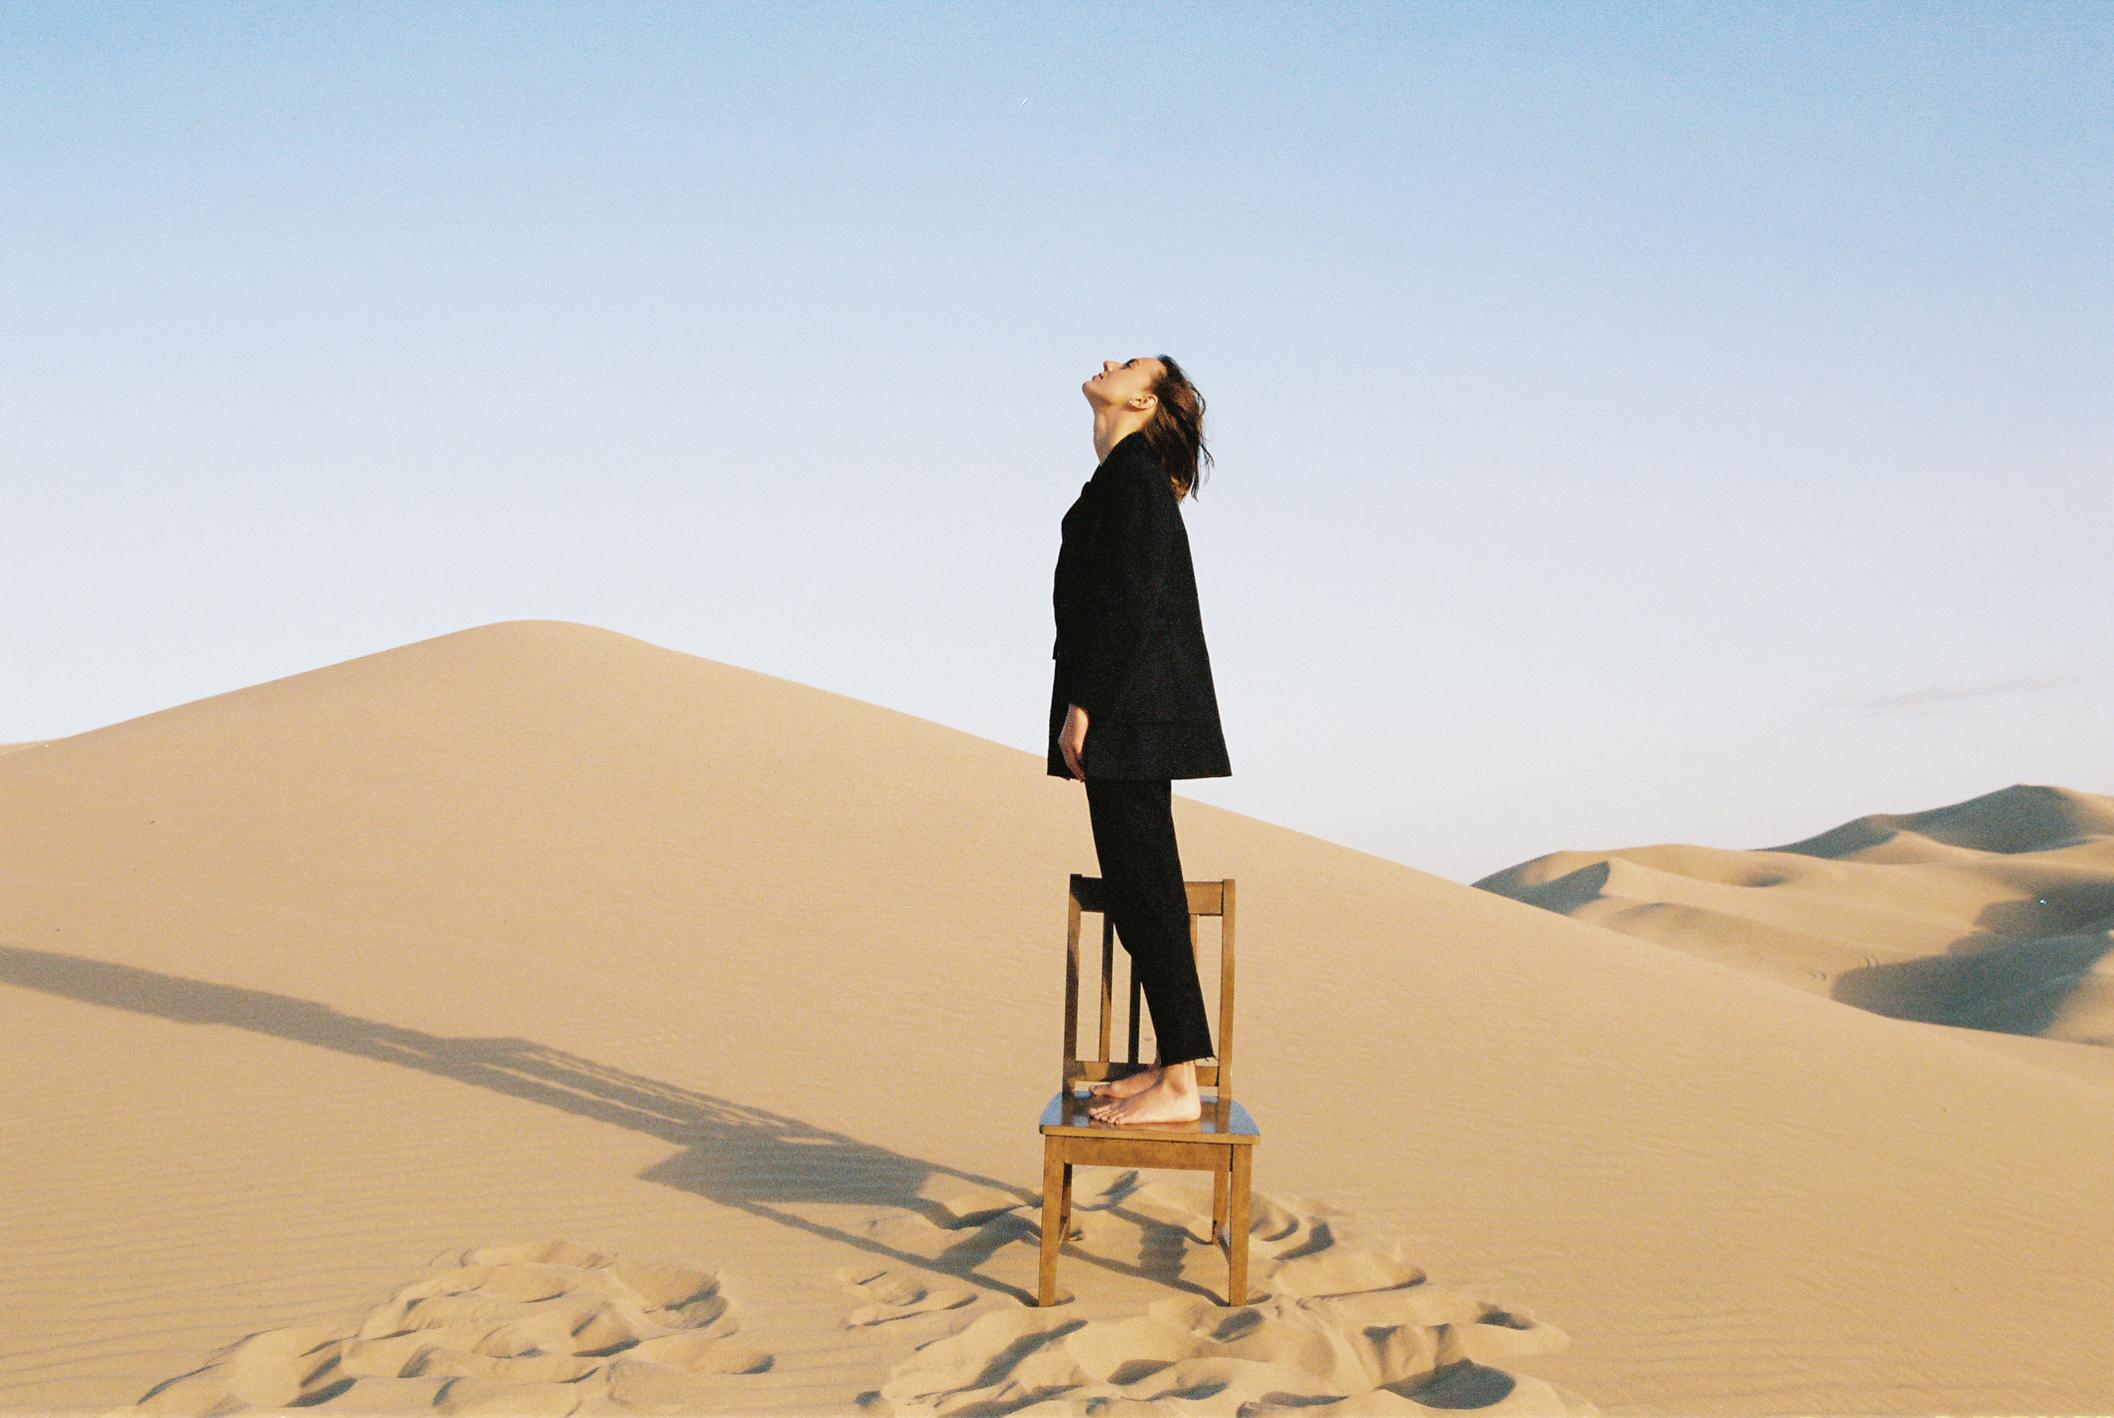 DesertFilm2 (38 of 101).jpg